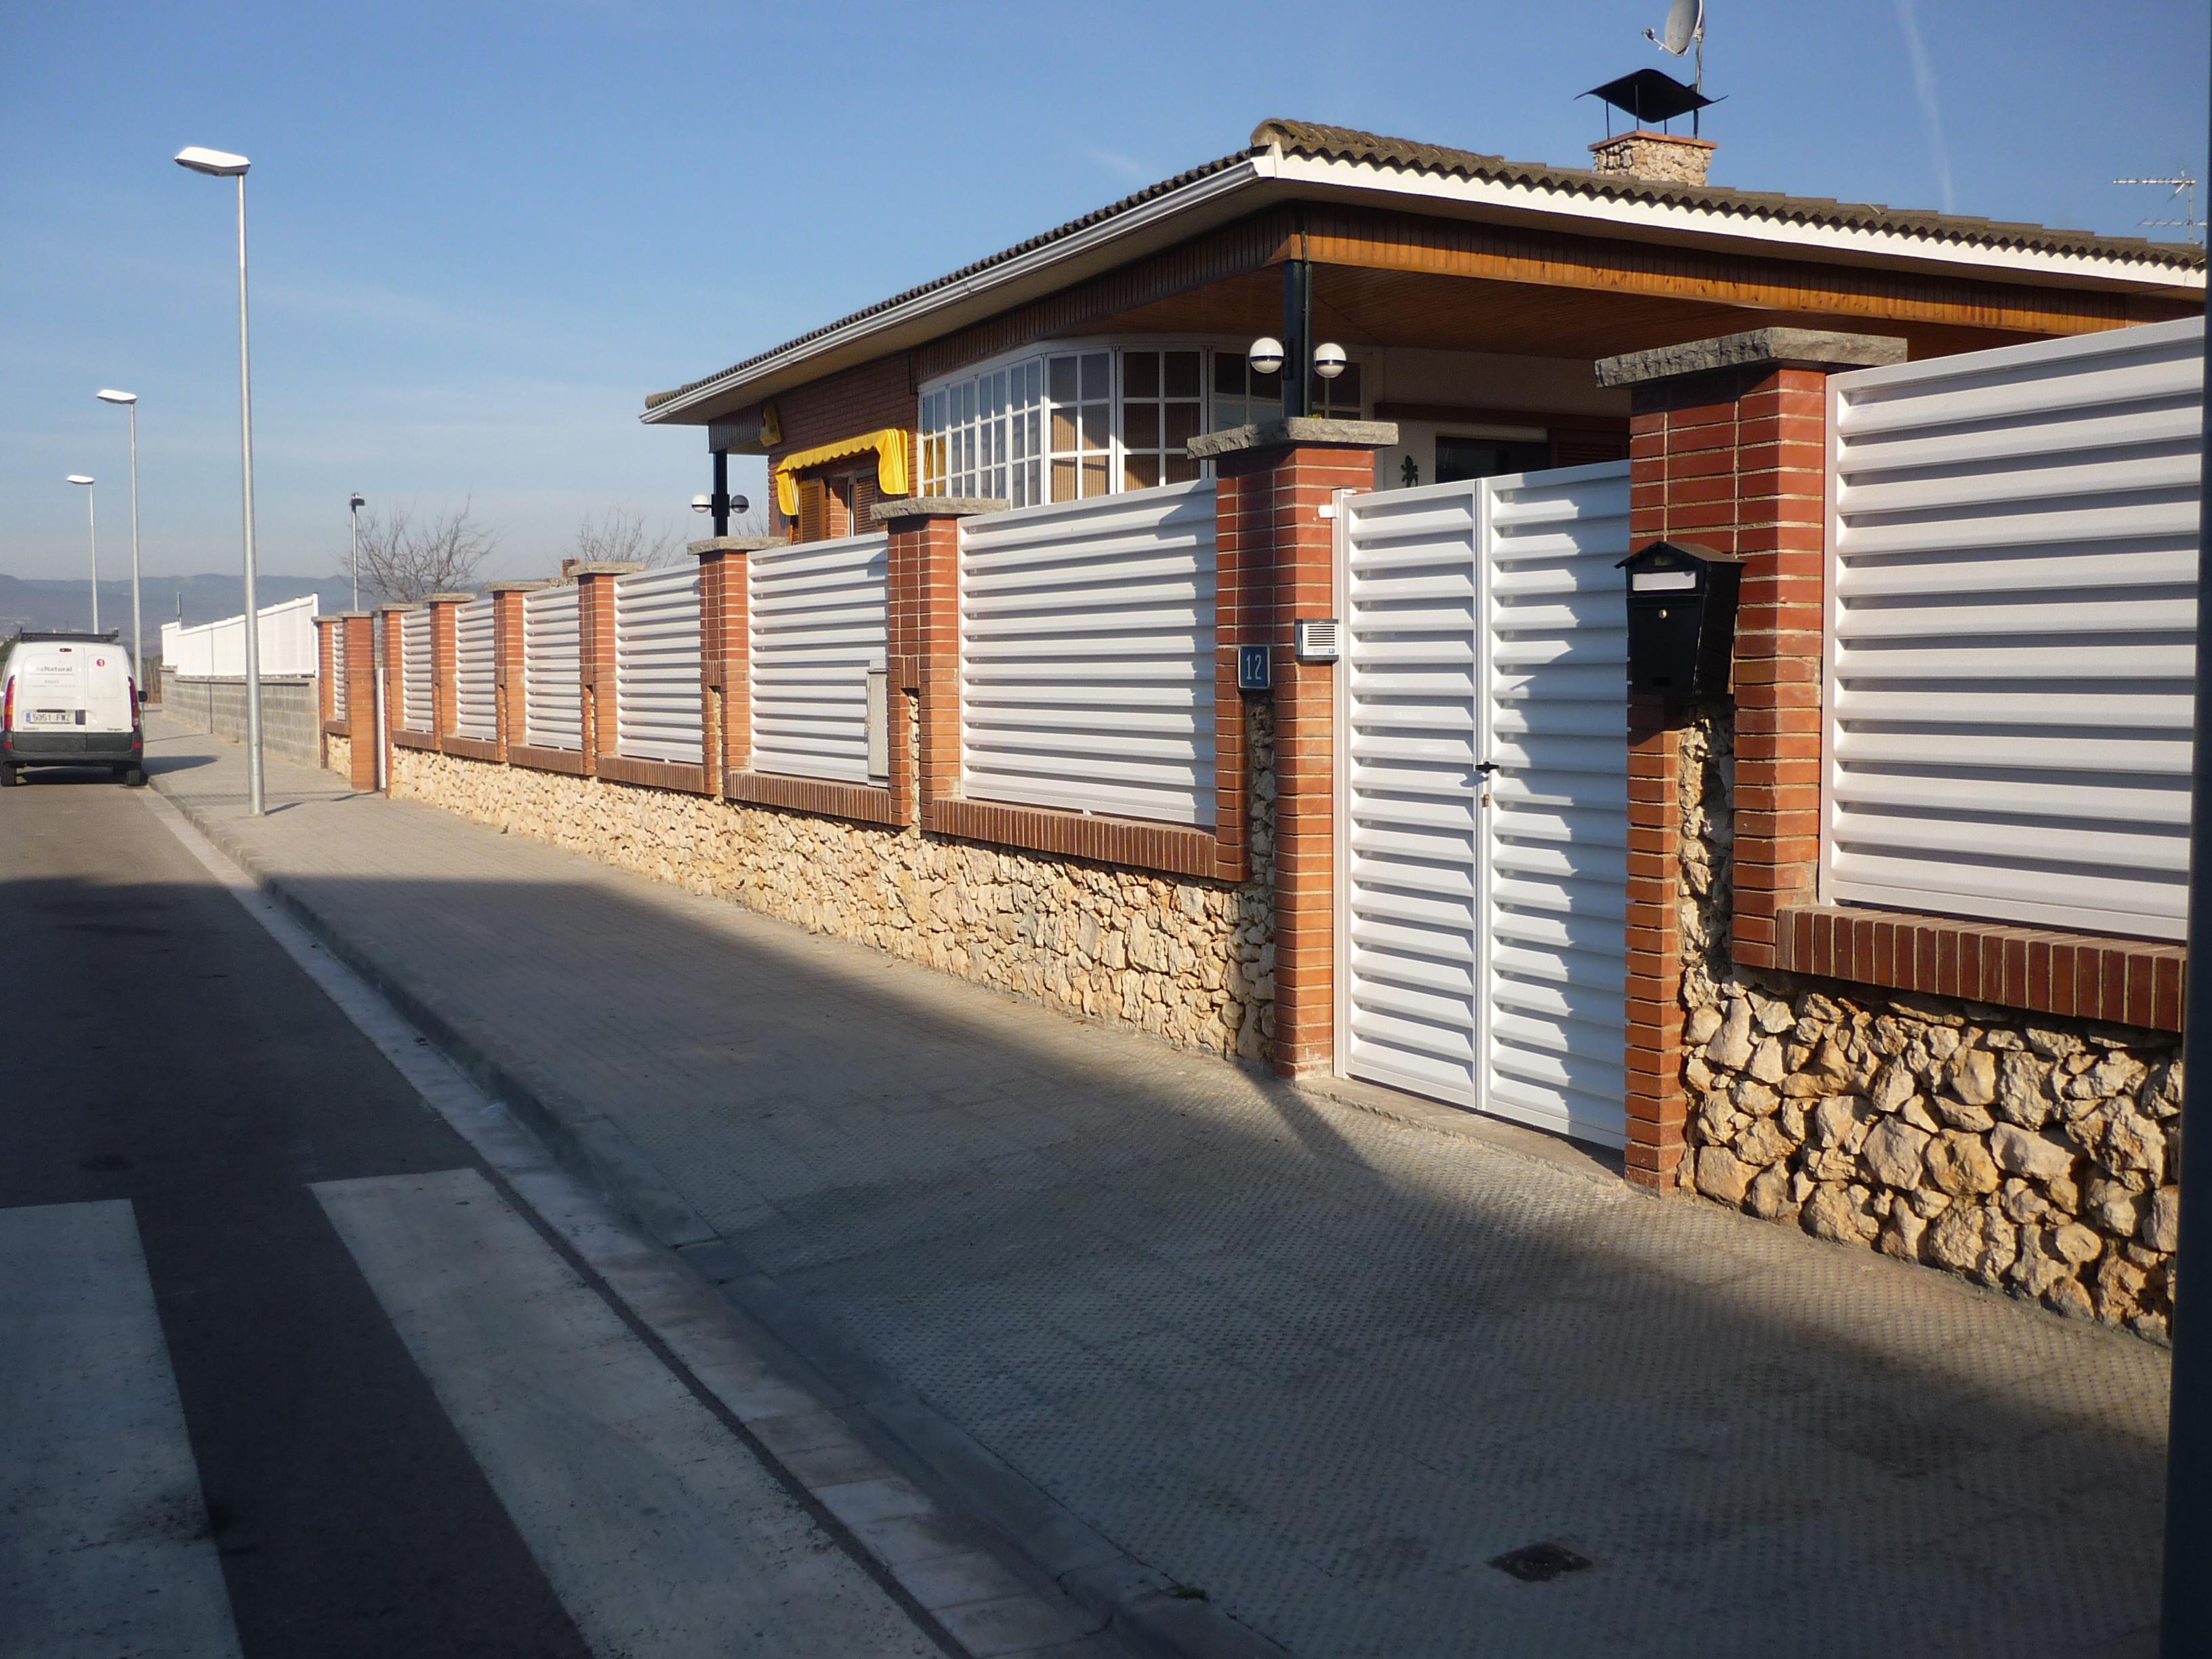 Modelos de valla verjas residenciales hierro lamas z - Vallas para chalets ...